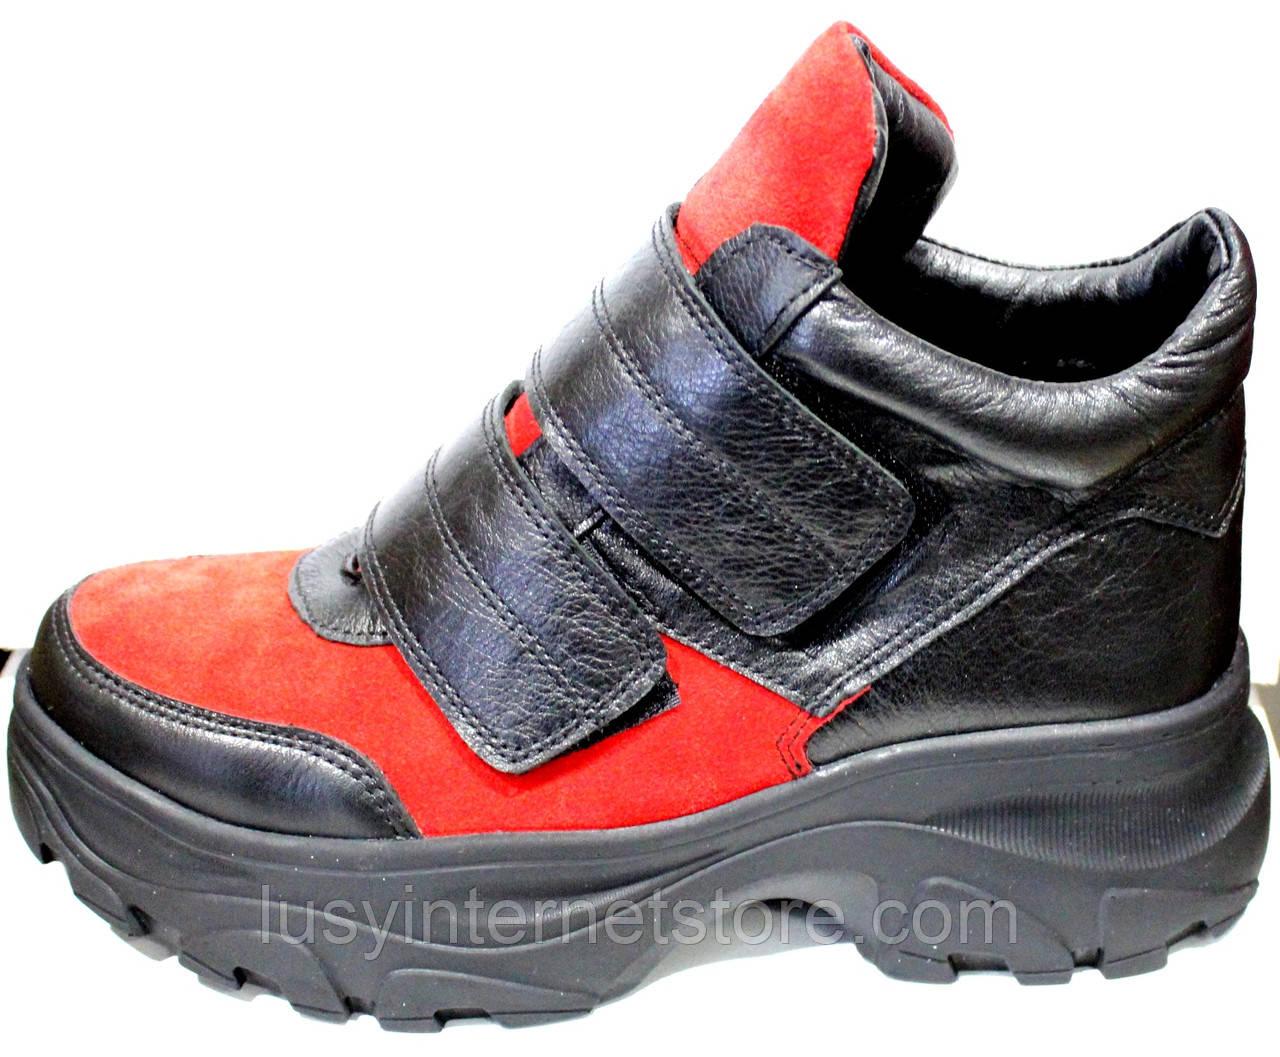 Ботинки женские демисезонные на липучках от производителя модель ДР1524-1